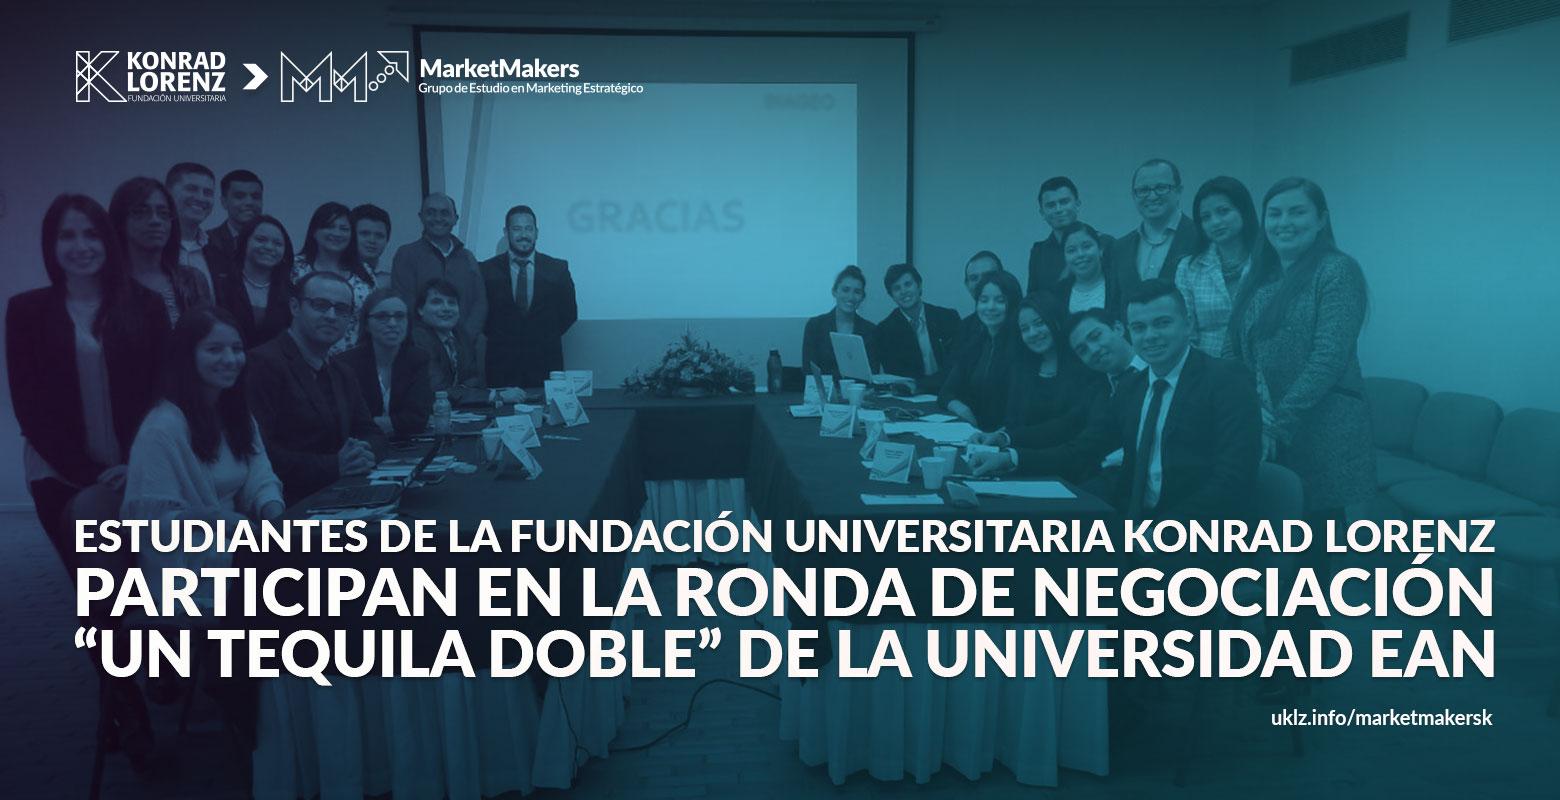 Estudiantes de la Fundación Universitaria Konrad Lorenz en la ronda de negociación